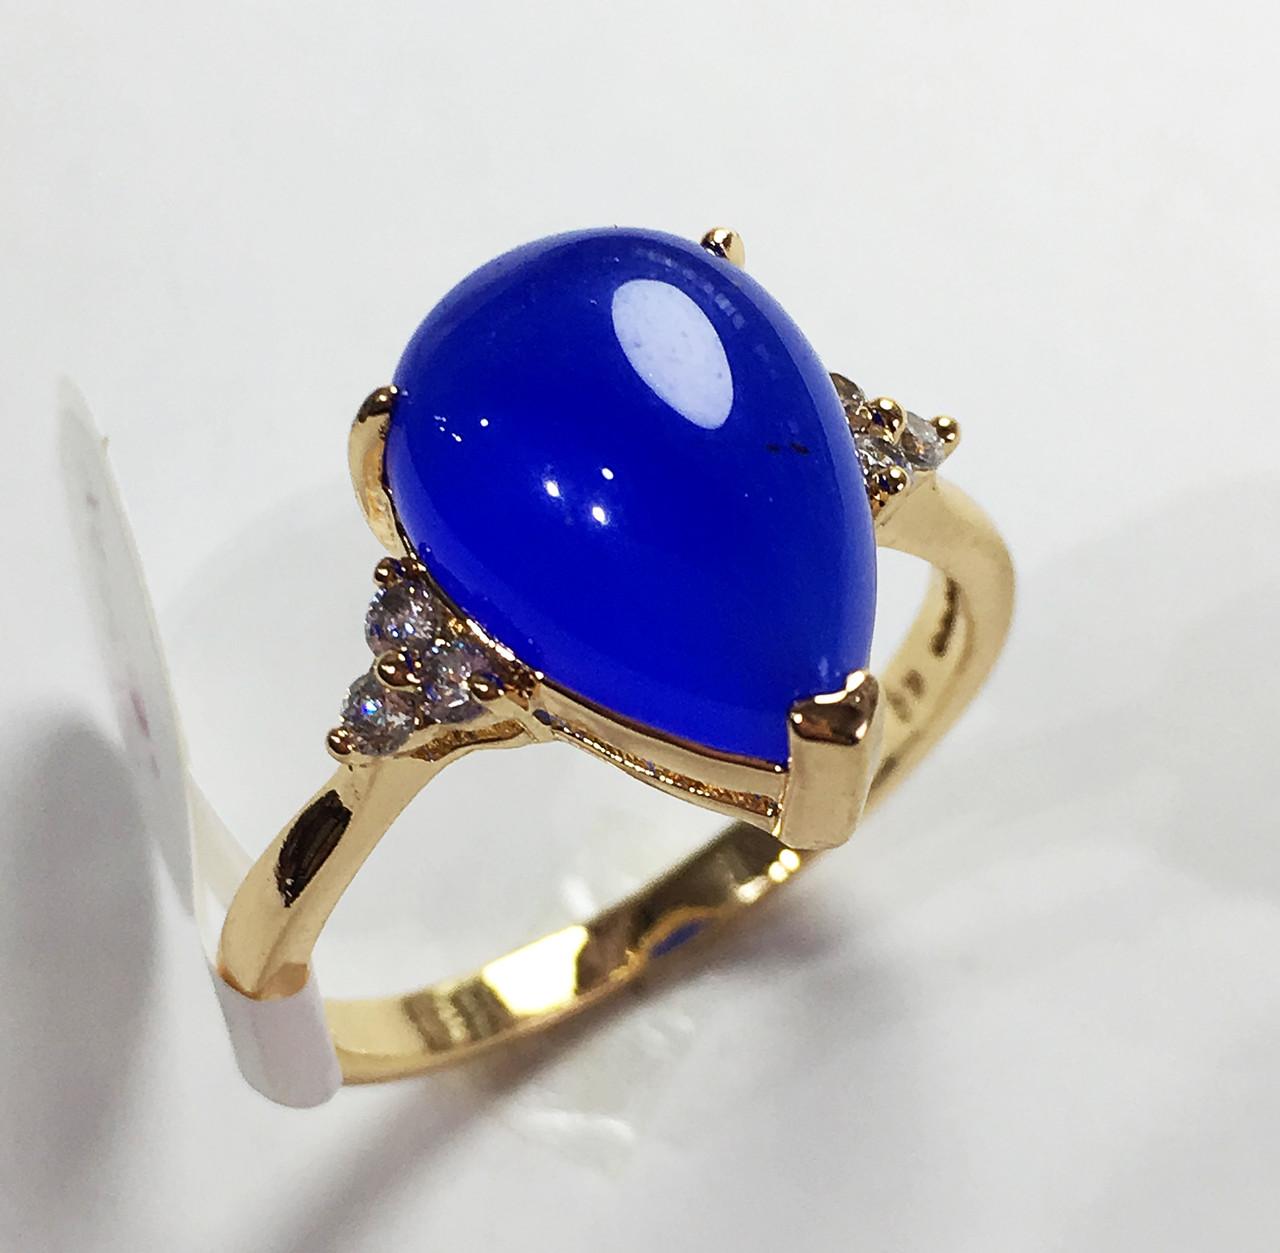 Кольцо Небесное, размер 16, 17, 18  ювелирная бижутерия XP